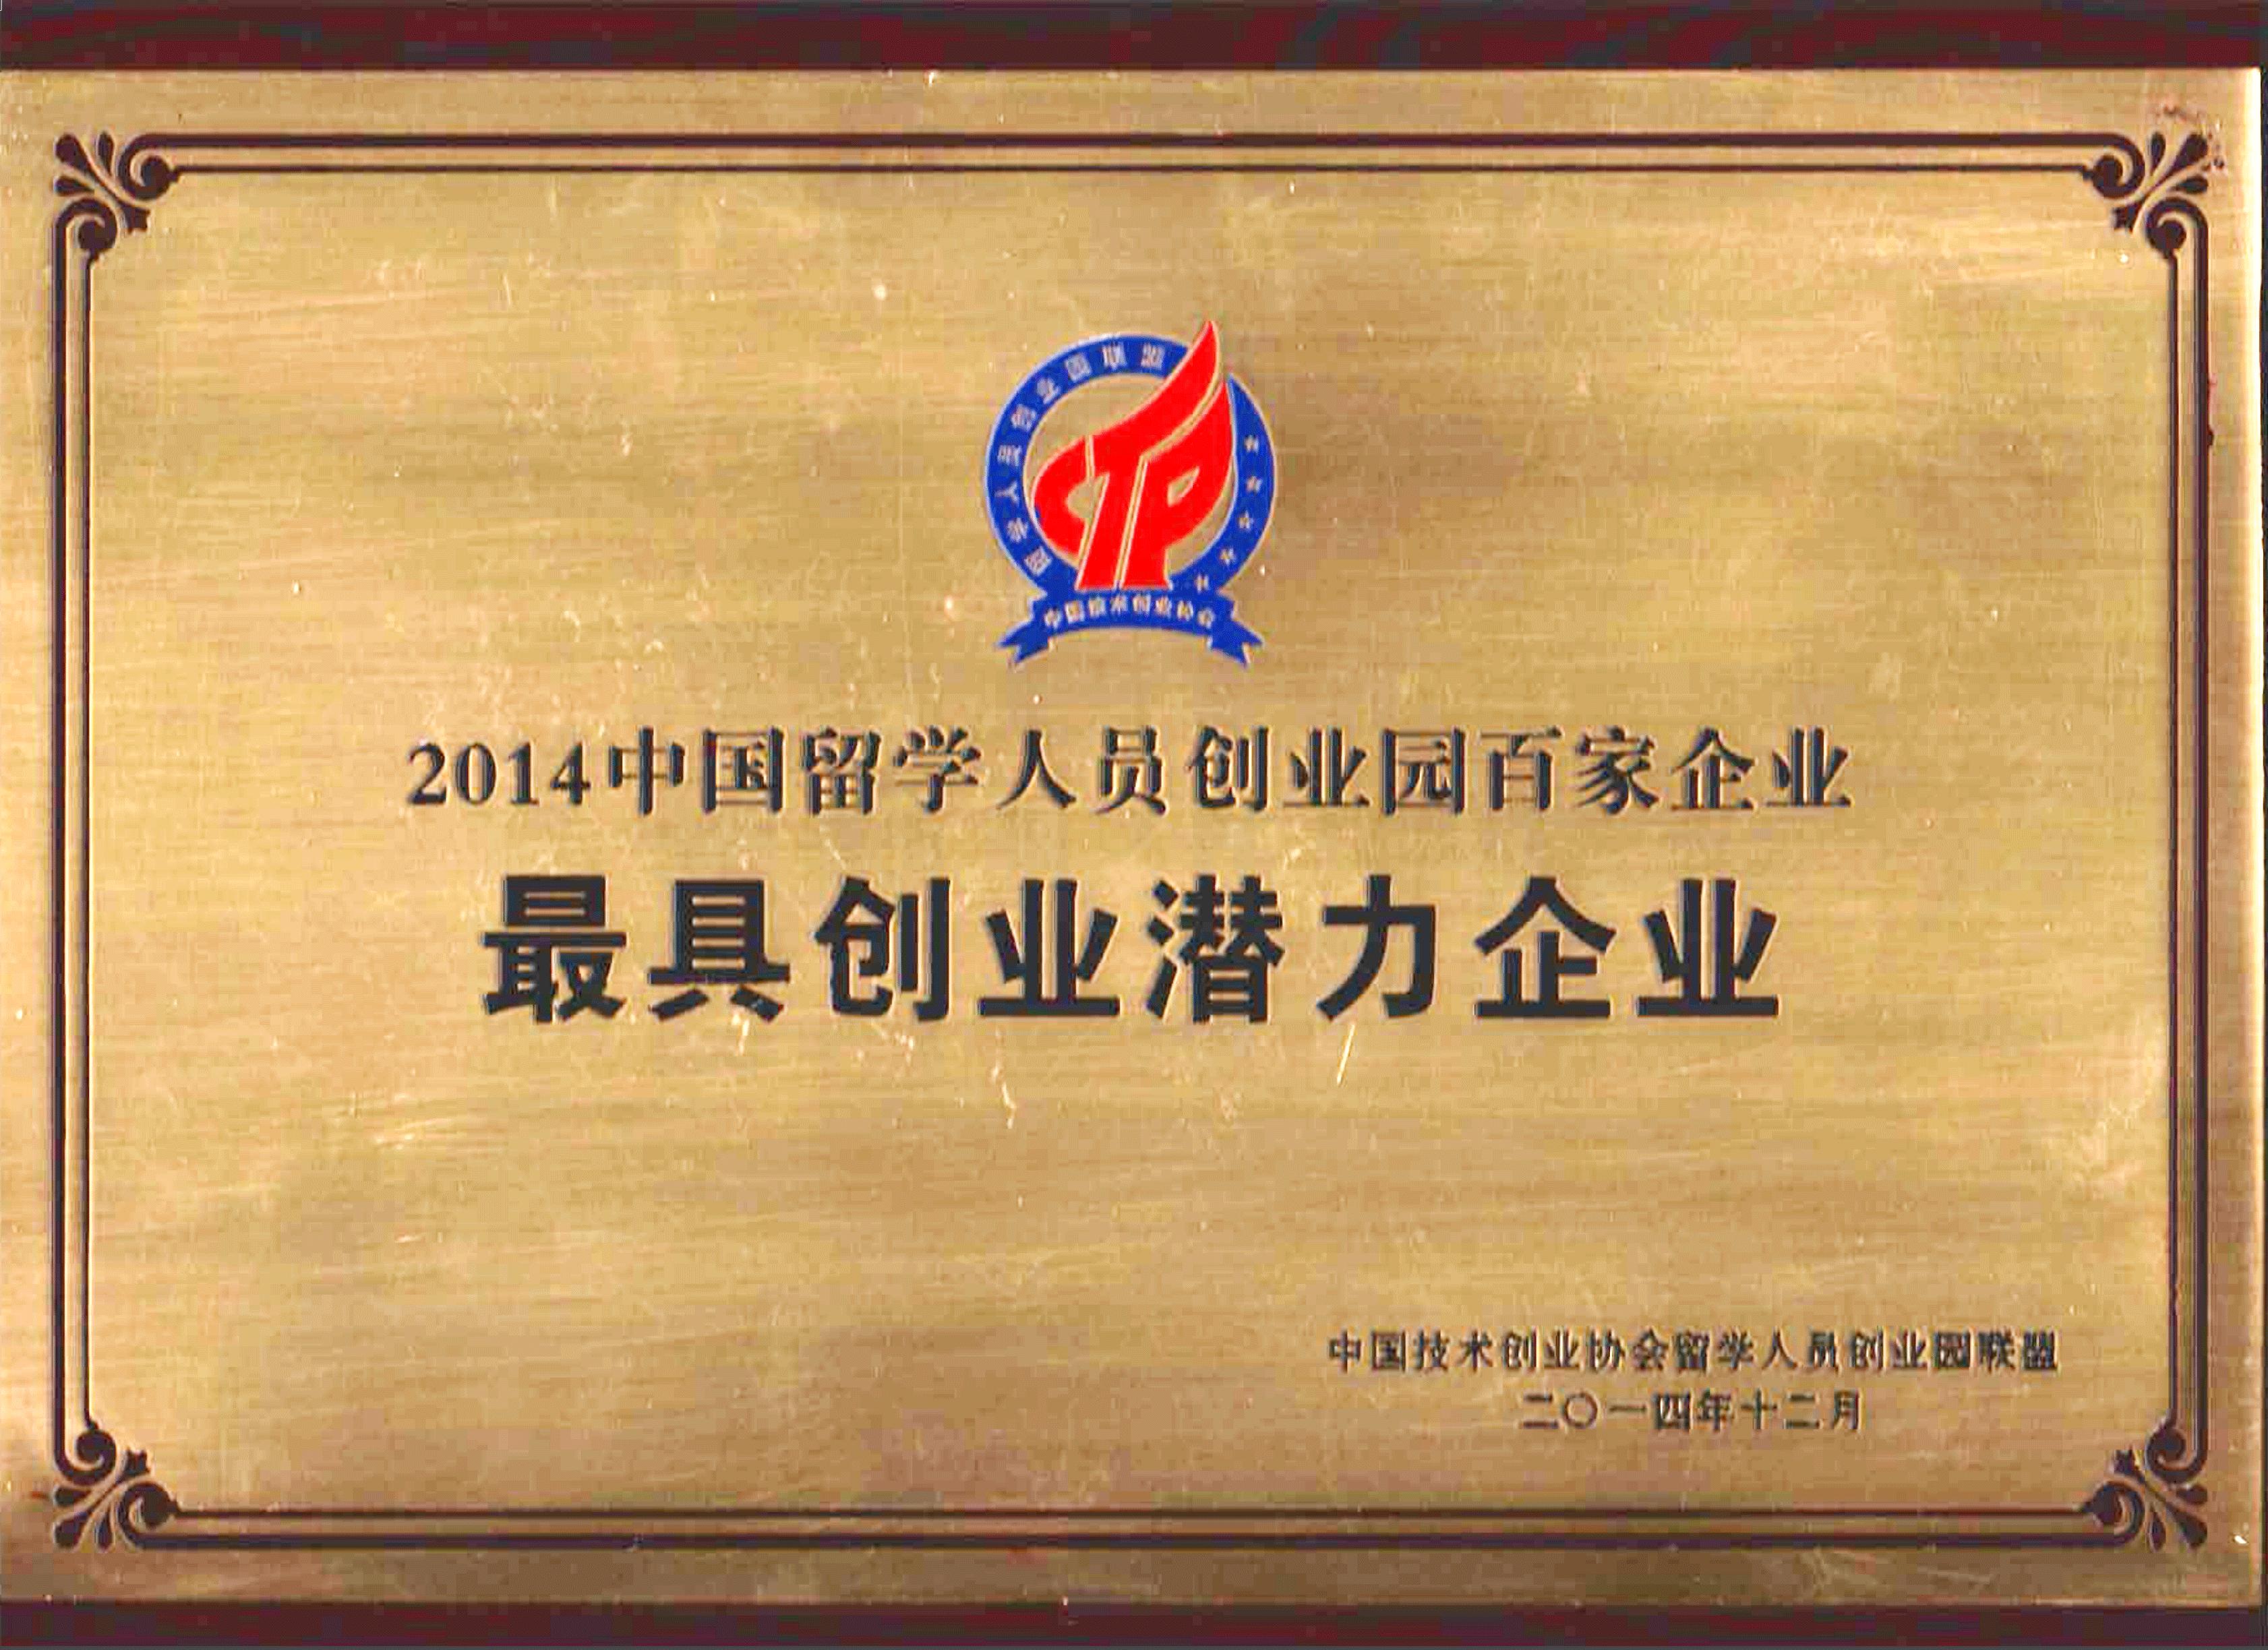 2014年中国留学人员创业园百家企业最具创业潜力企业证书_01